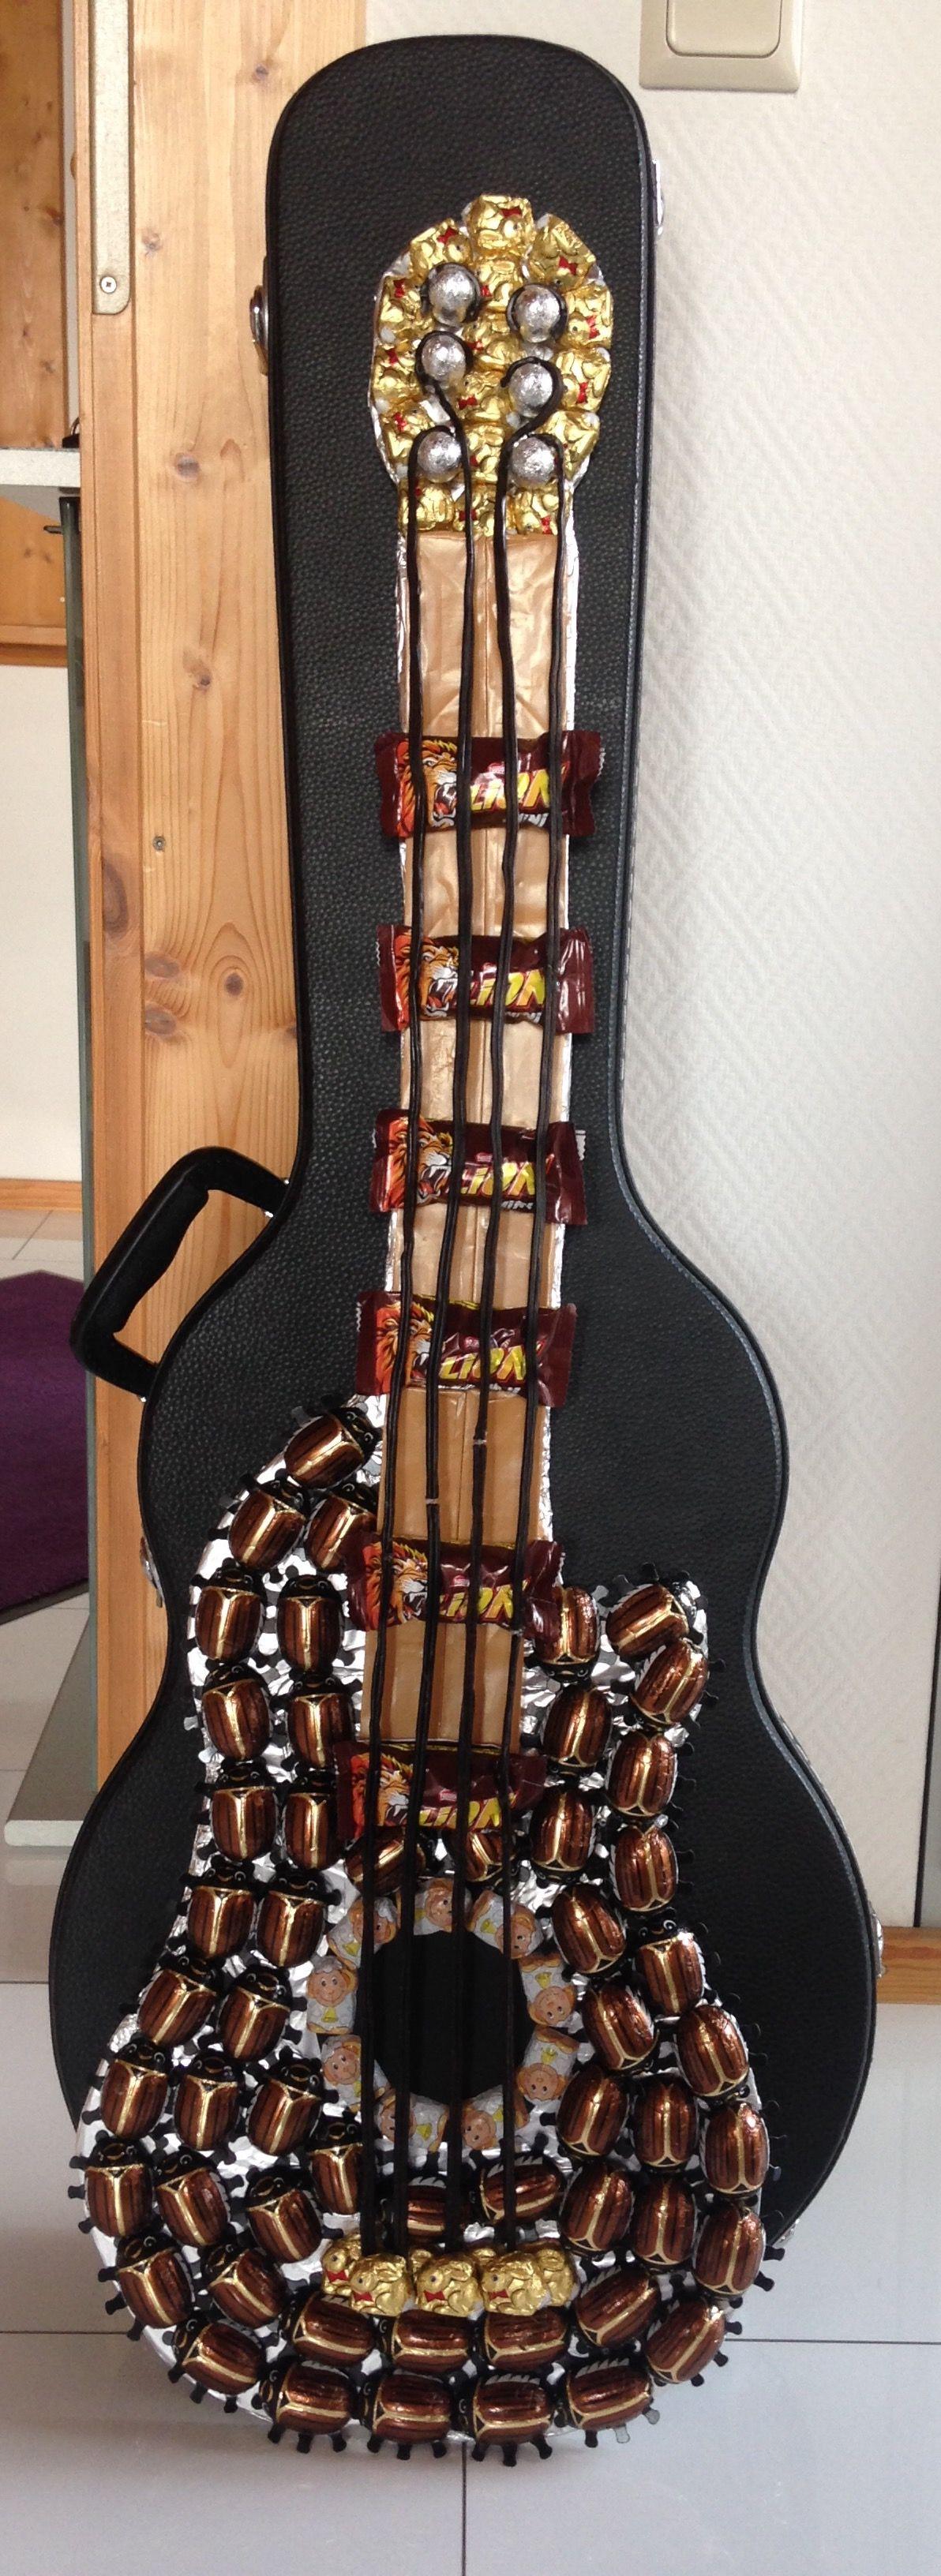 Gitarre Aus Sussigkeiten Als Geburtstagsgeschenk Fur Einen Musiker